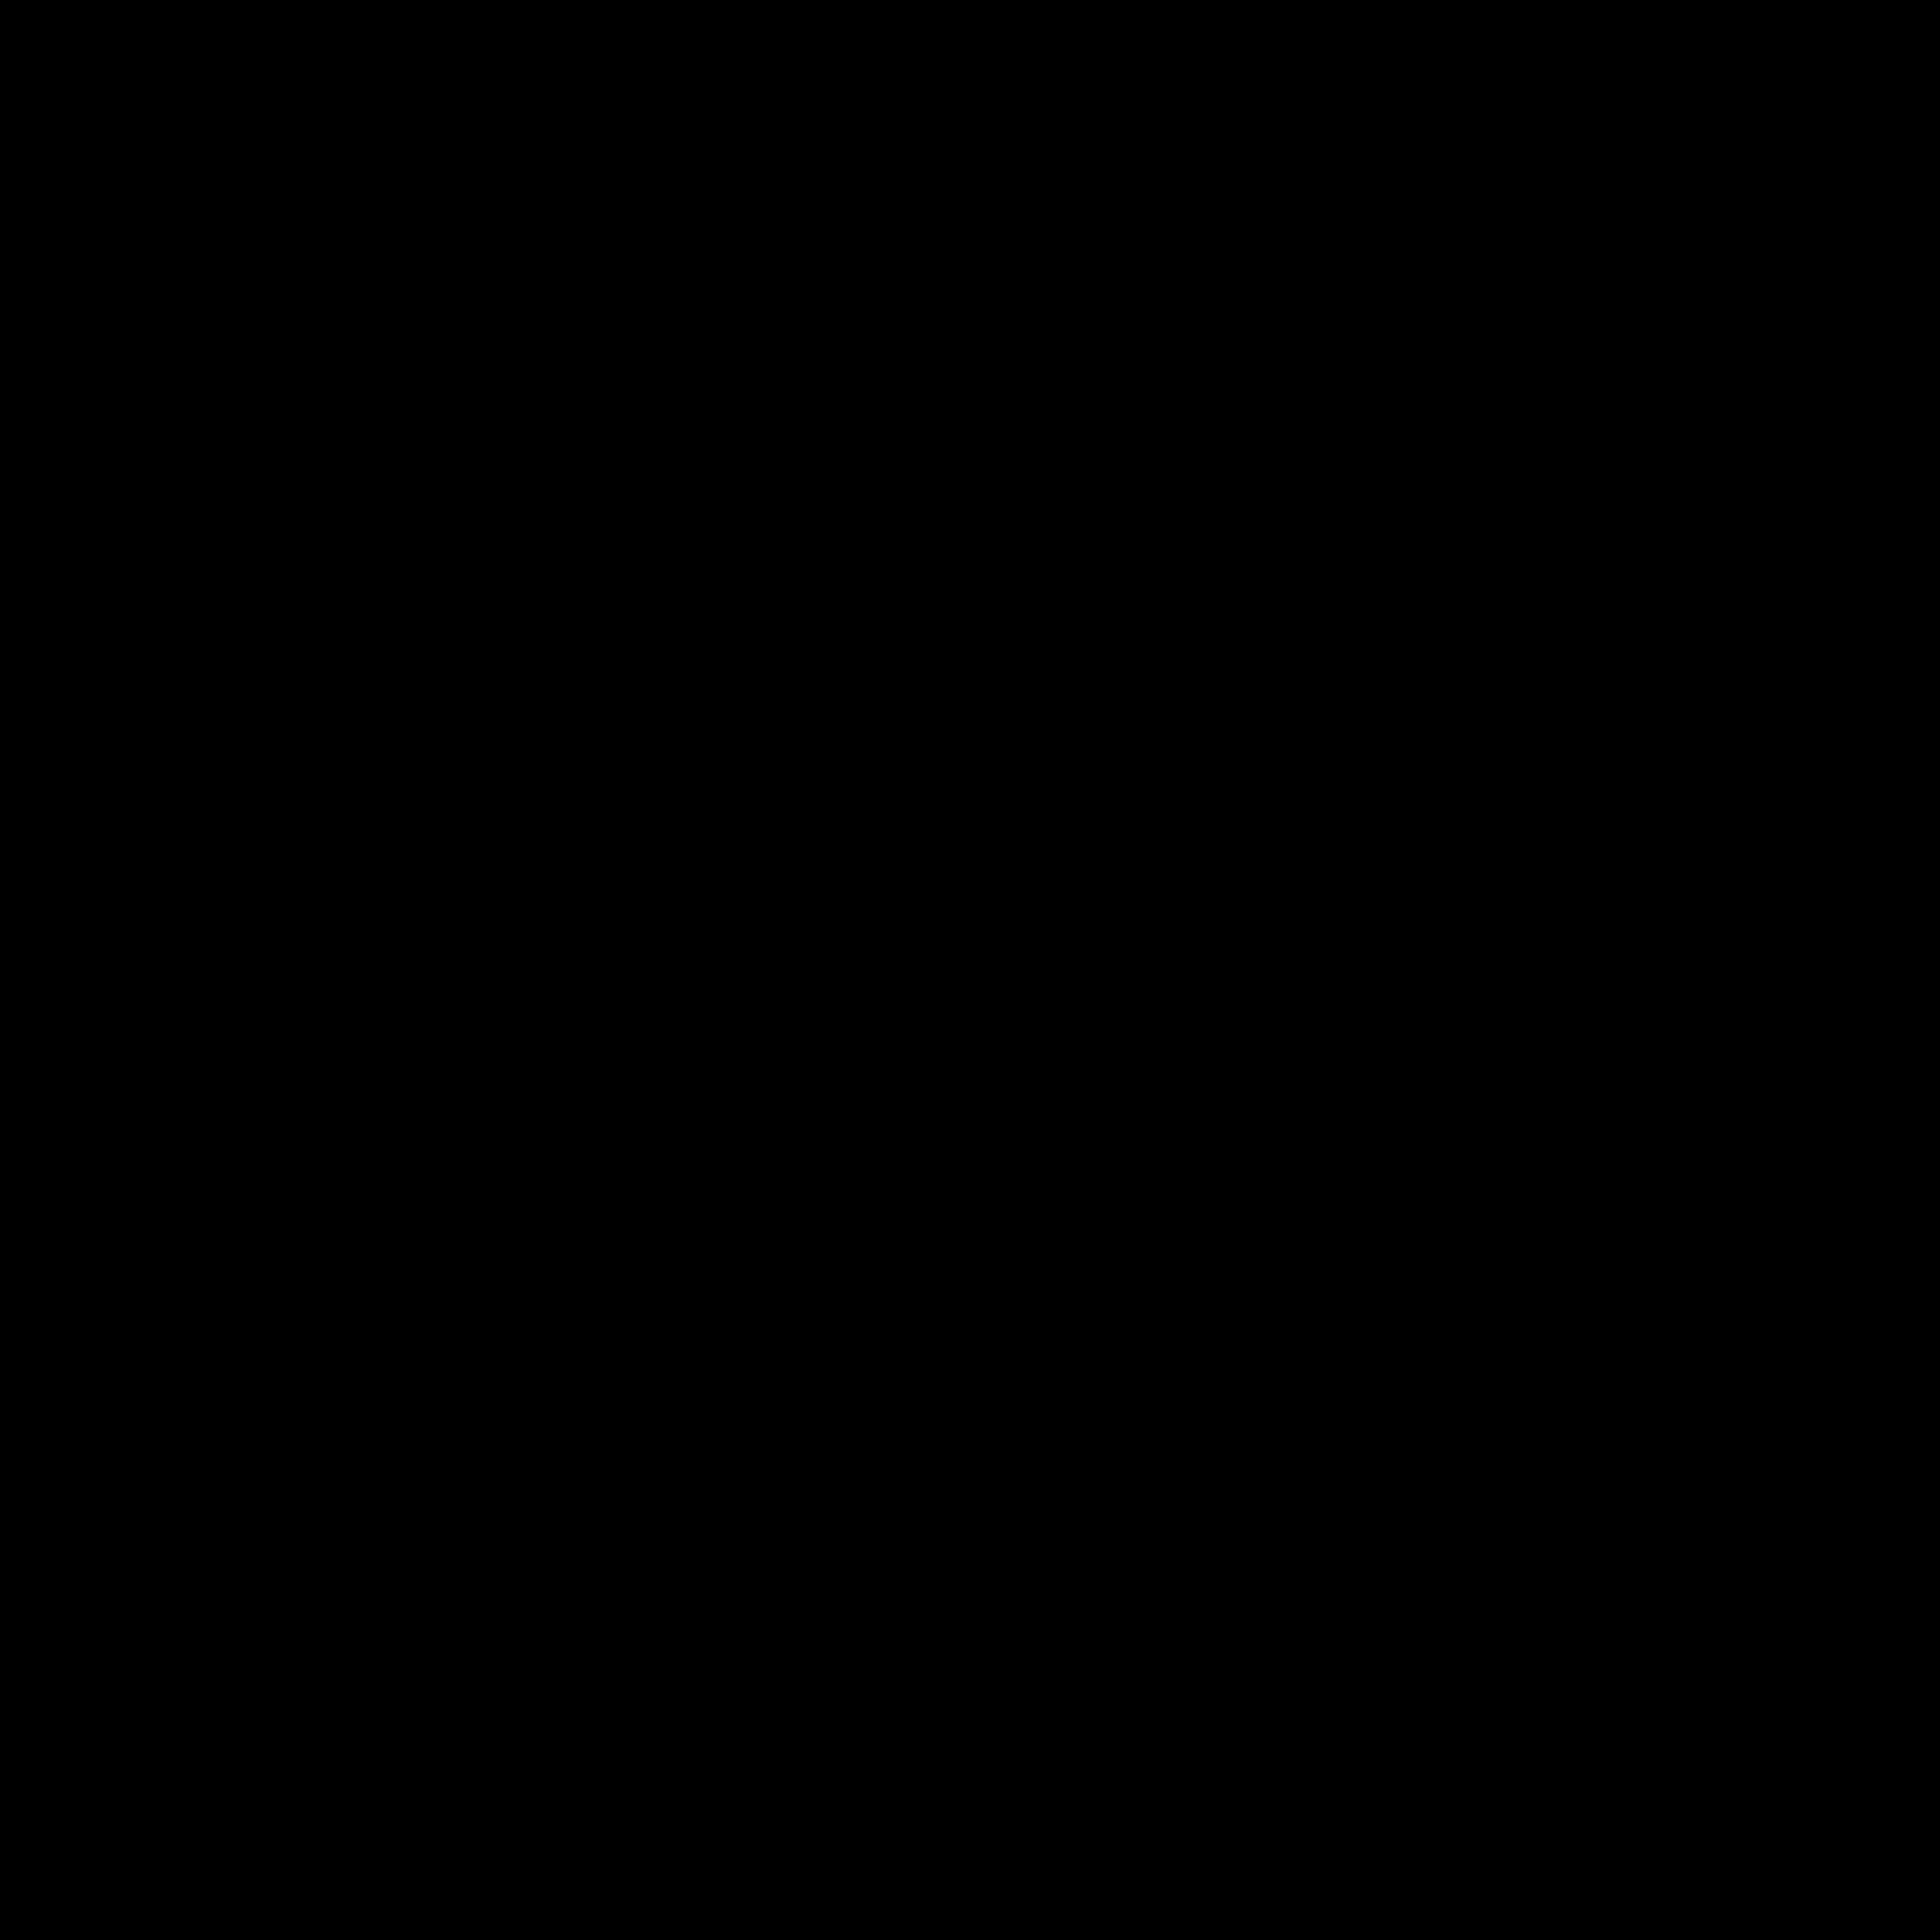 cassini saturn satellite - photo #29